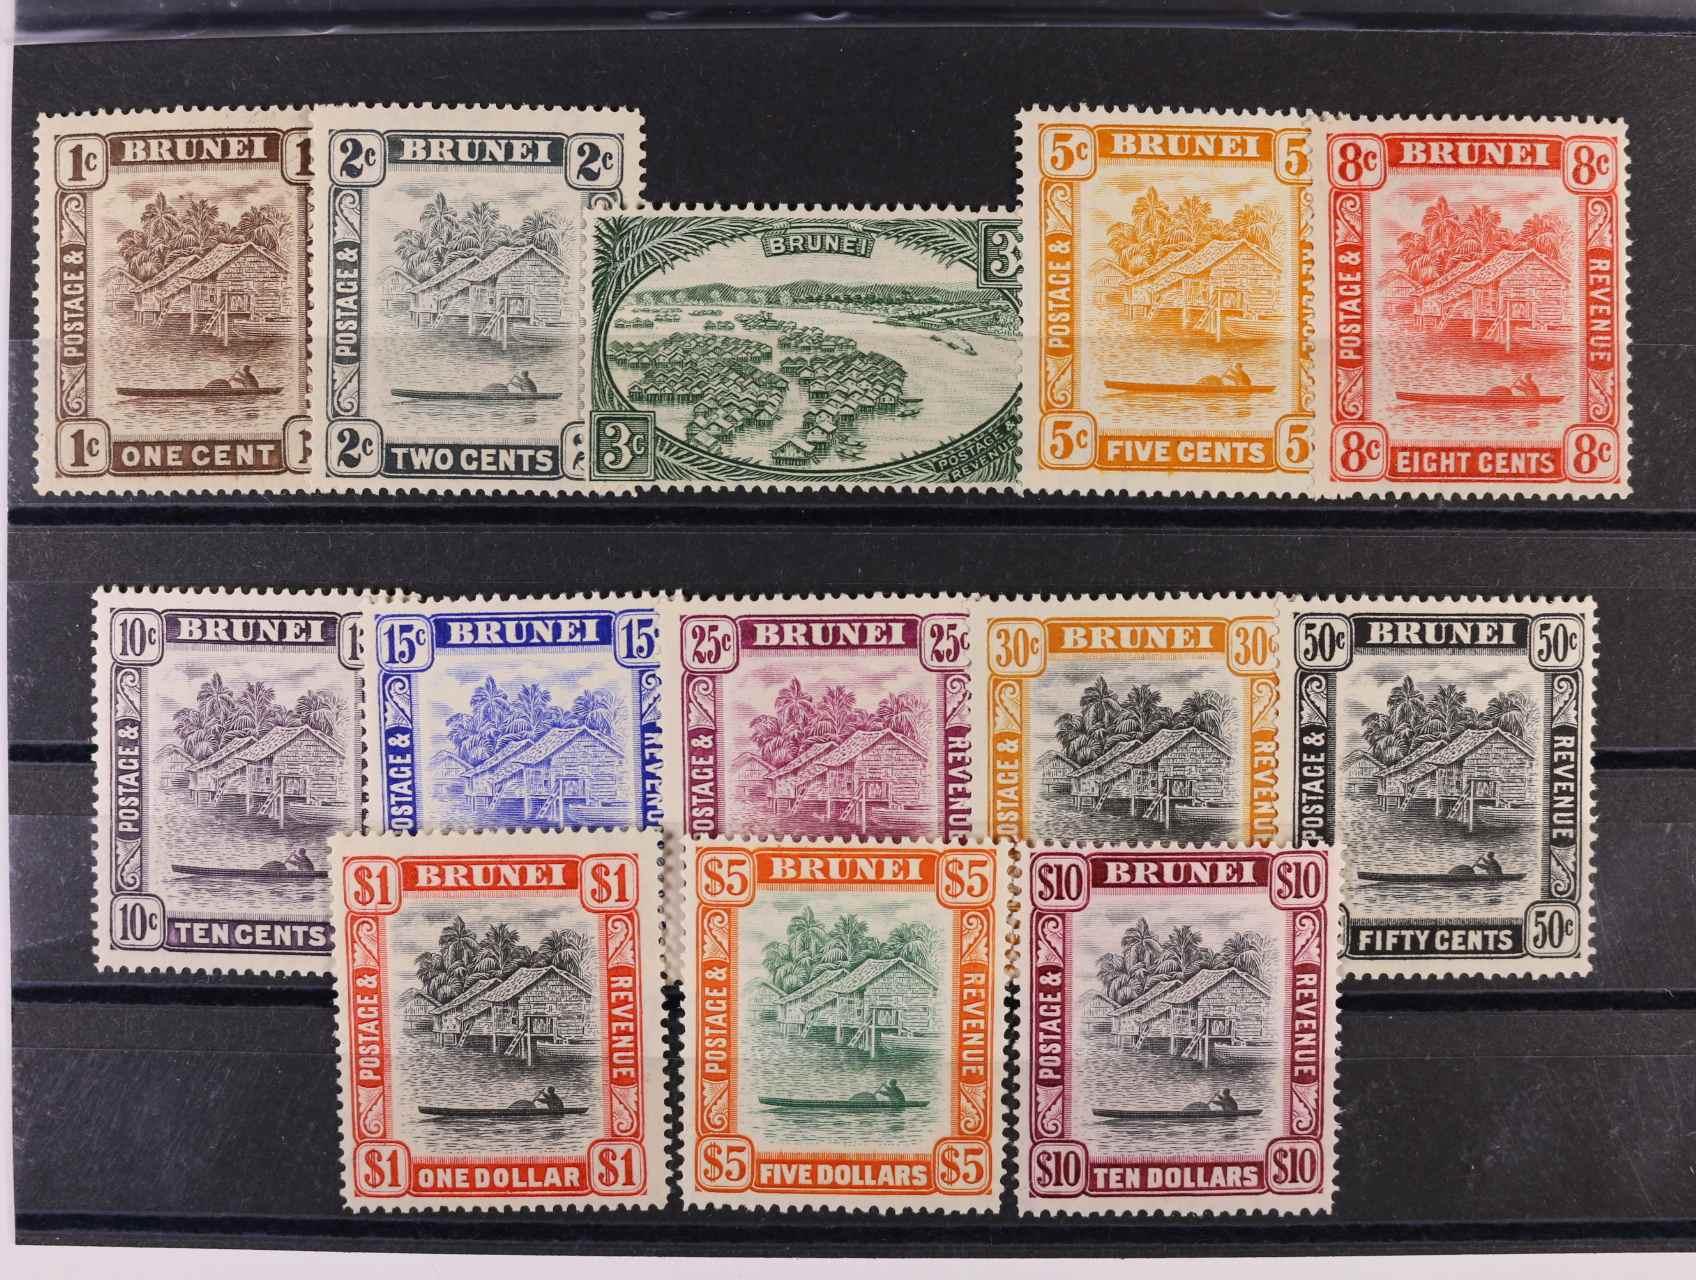 Brunei - zn. Mi. č. 58 - 70, 1c - 10Dolar